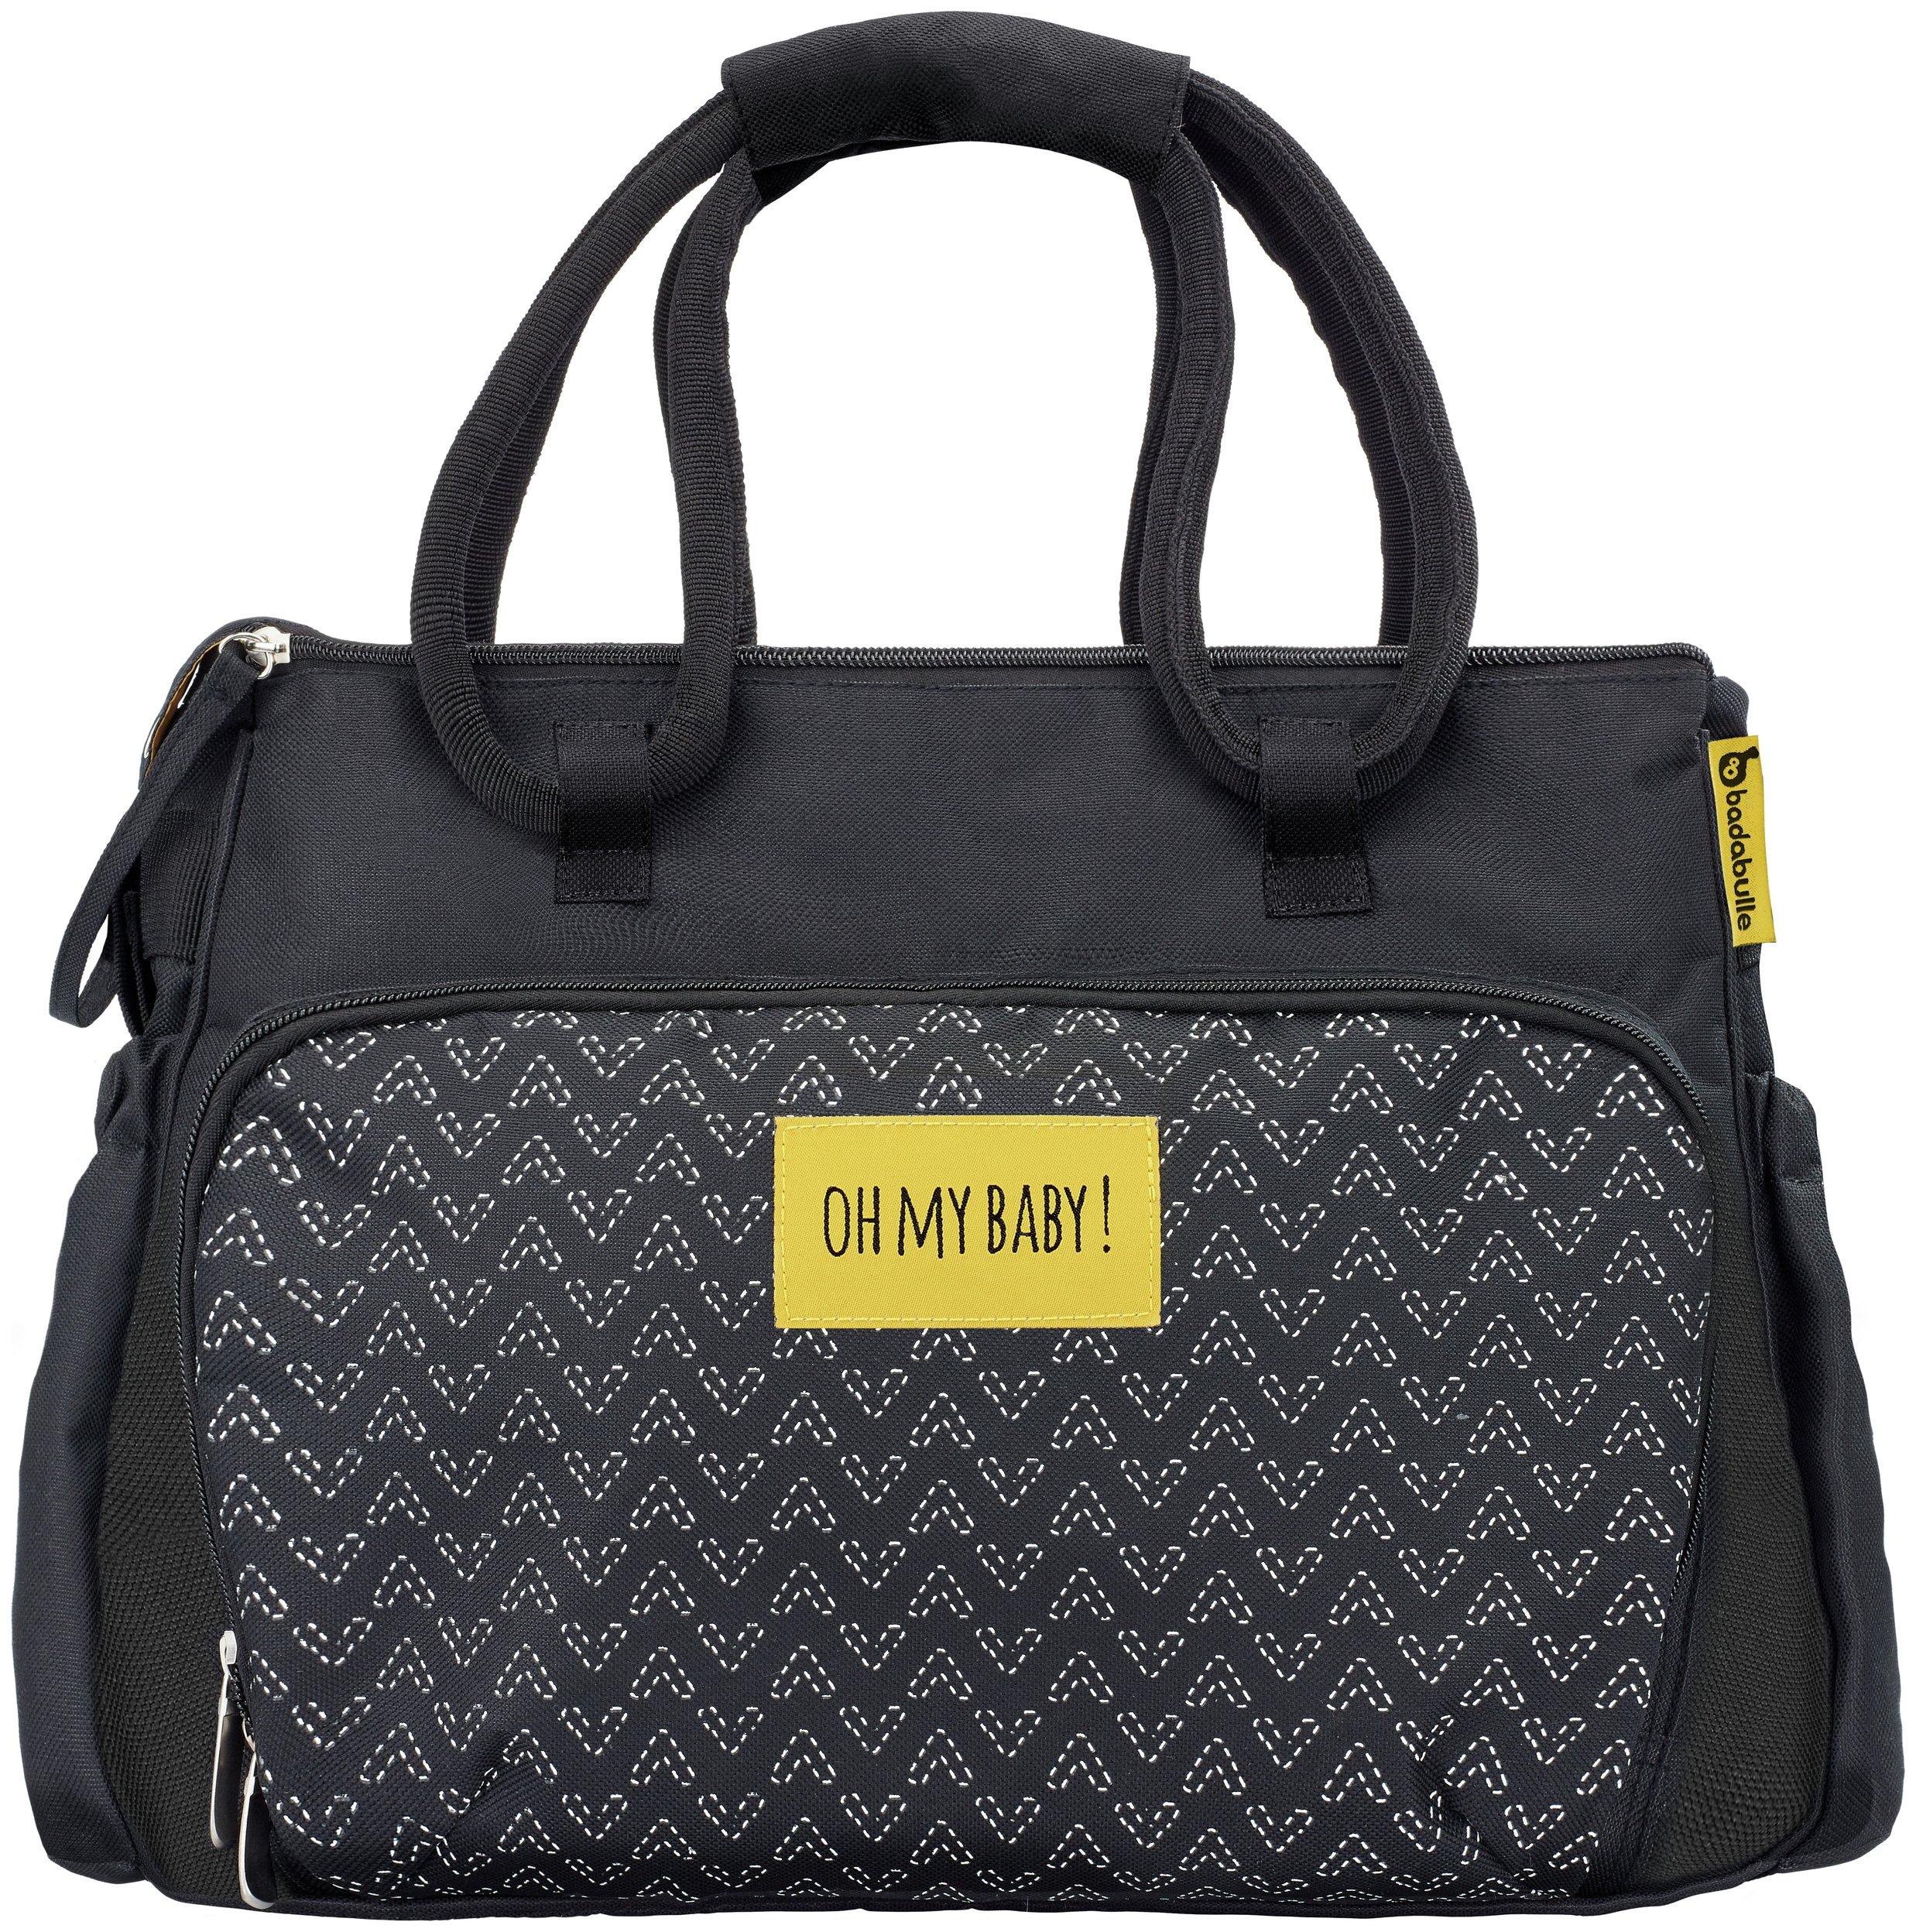 Badabulle Boho Changing Bag - Black